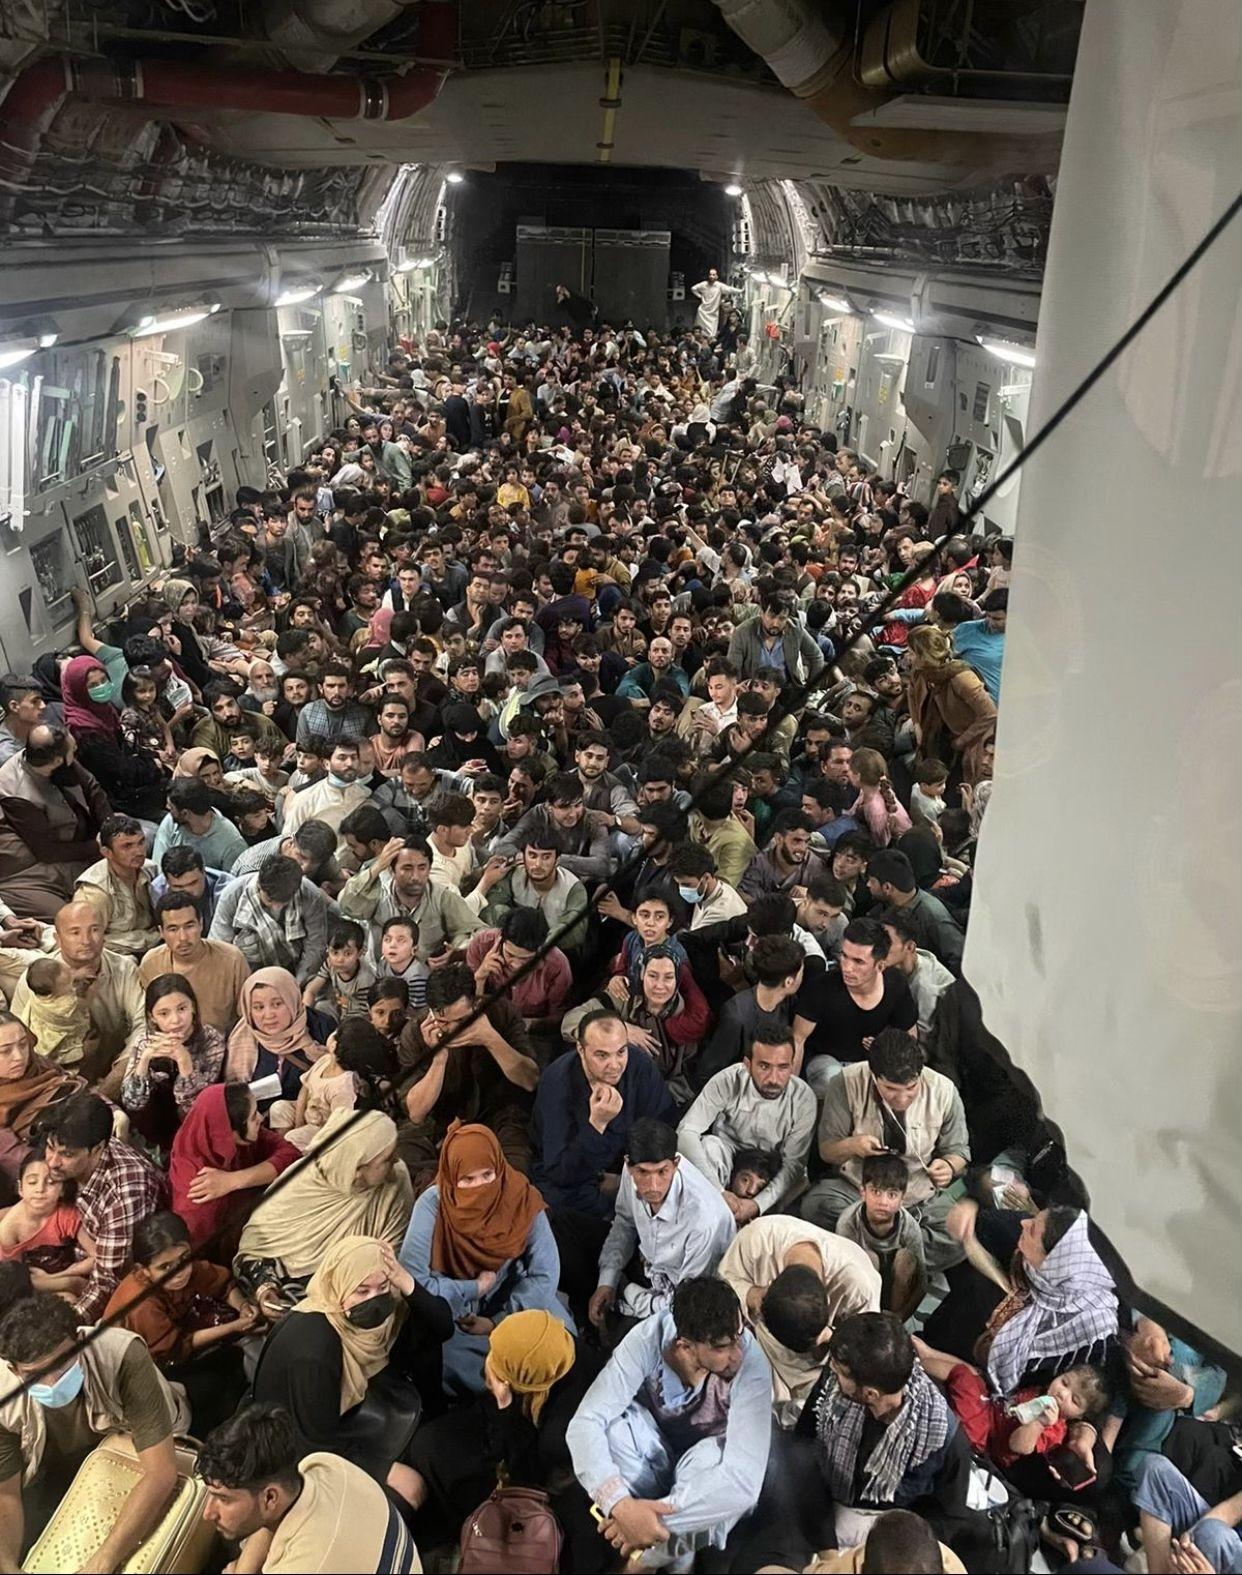 Ratusan warga Afghanistan berdesakan di dalam pesawat militer AS yang mengevakuasi mereka dari Kabul (Twitter/@DefenseOne)